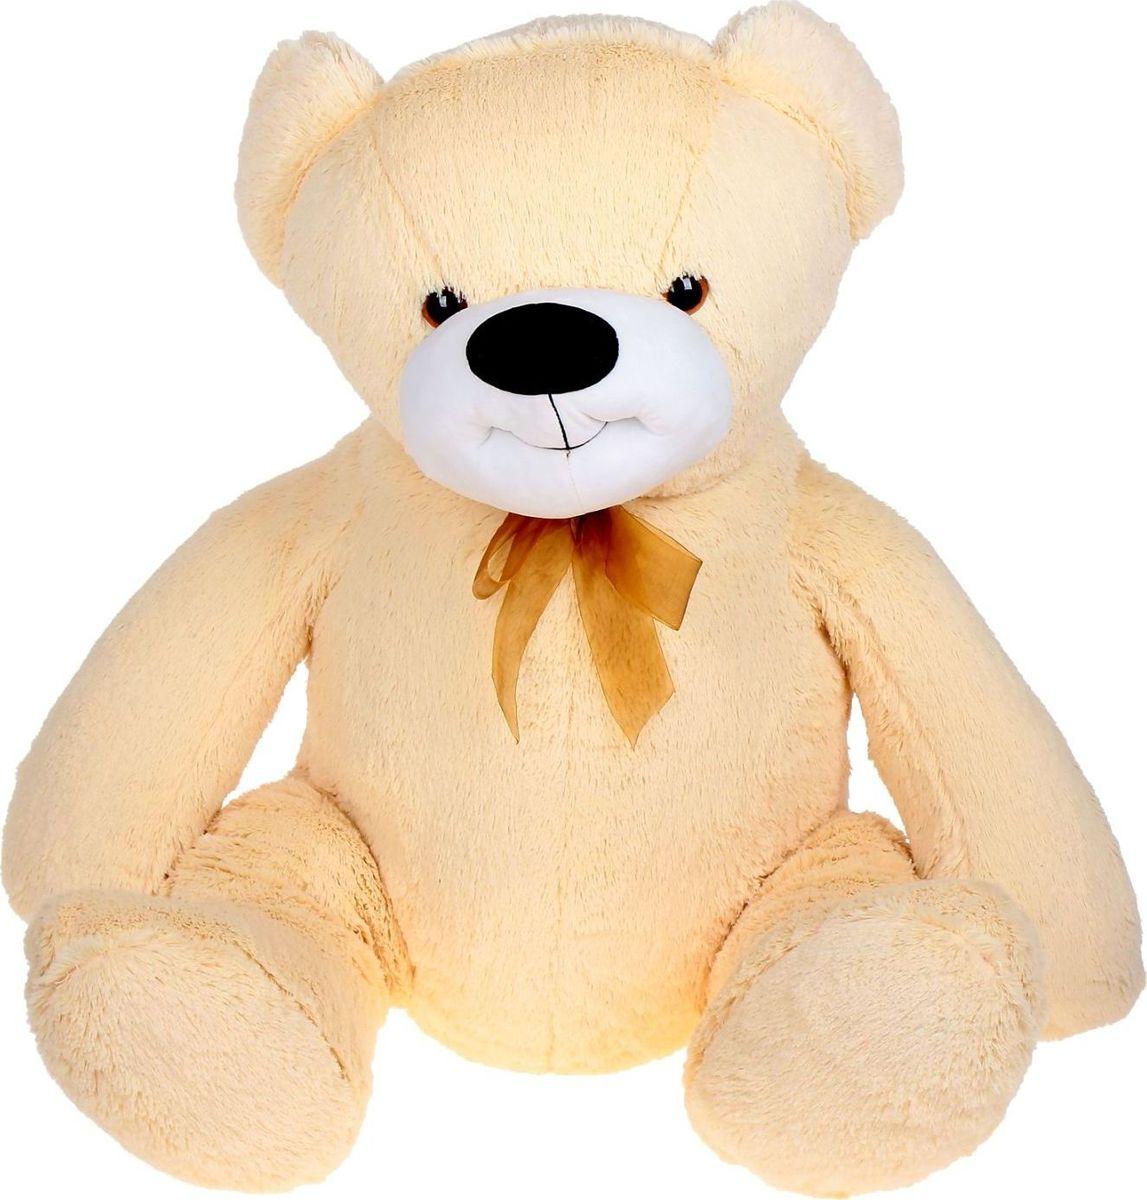 Sima-land Мягкая игрушка Медведь игольчатый цвет бежевый 80 см sima land мягкая игрушка собака пятнашка 80 см